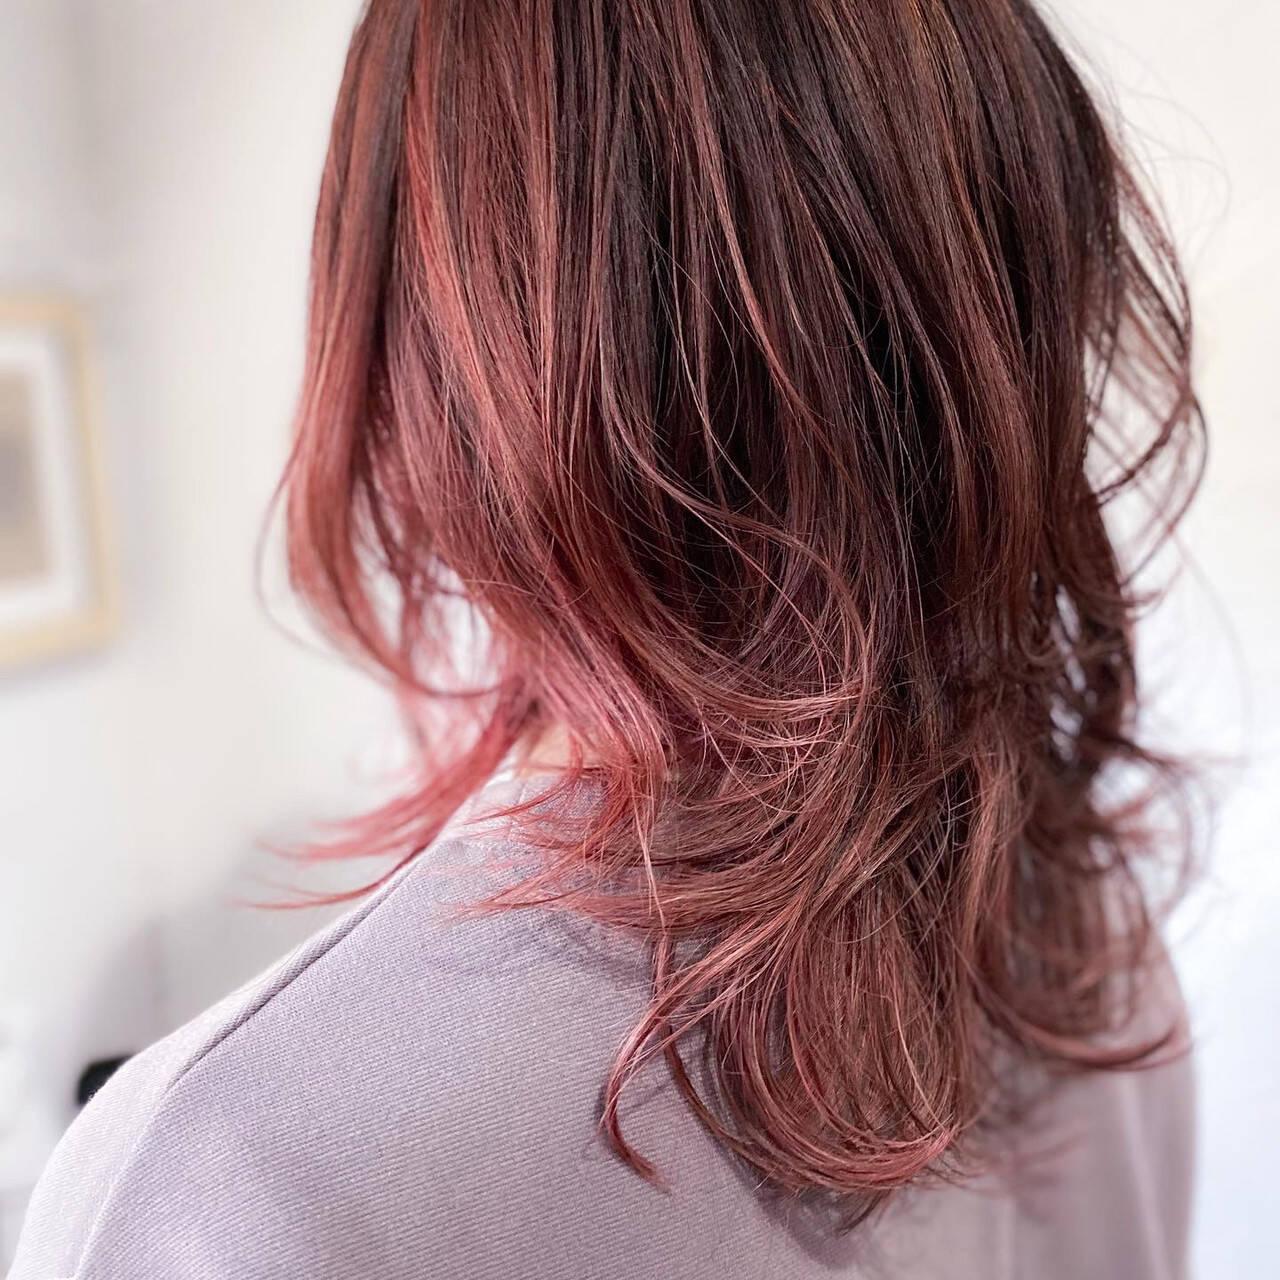 ピンクベージュ ナチュラル 大人ハイライト セミロングヘアスタイルや髪型の写真・画像